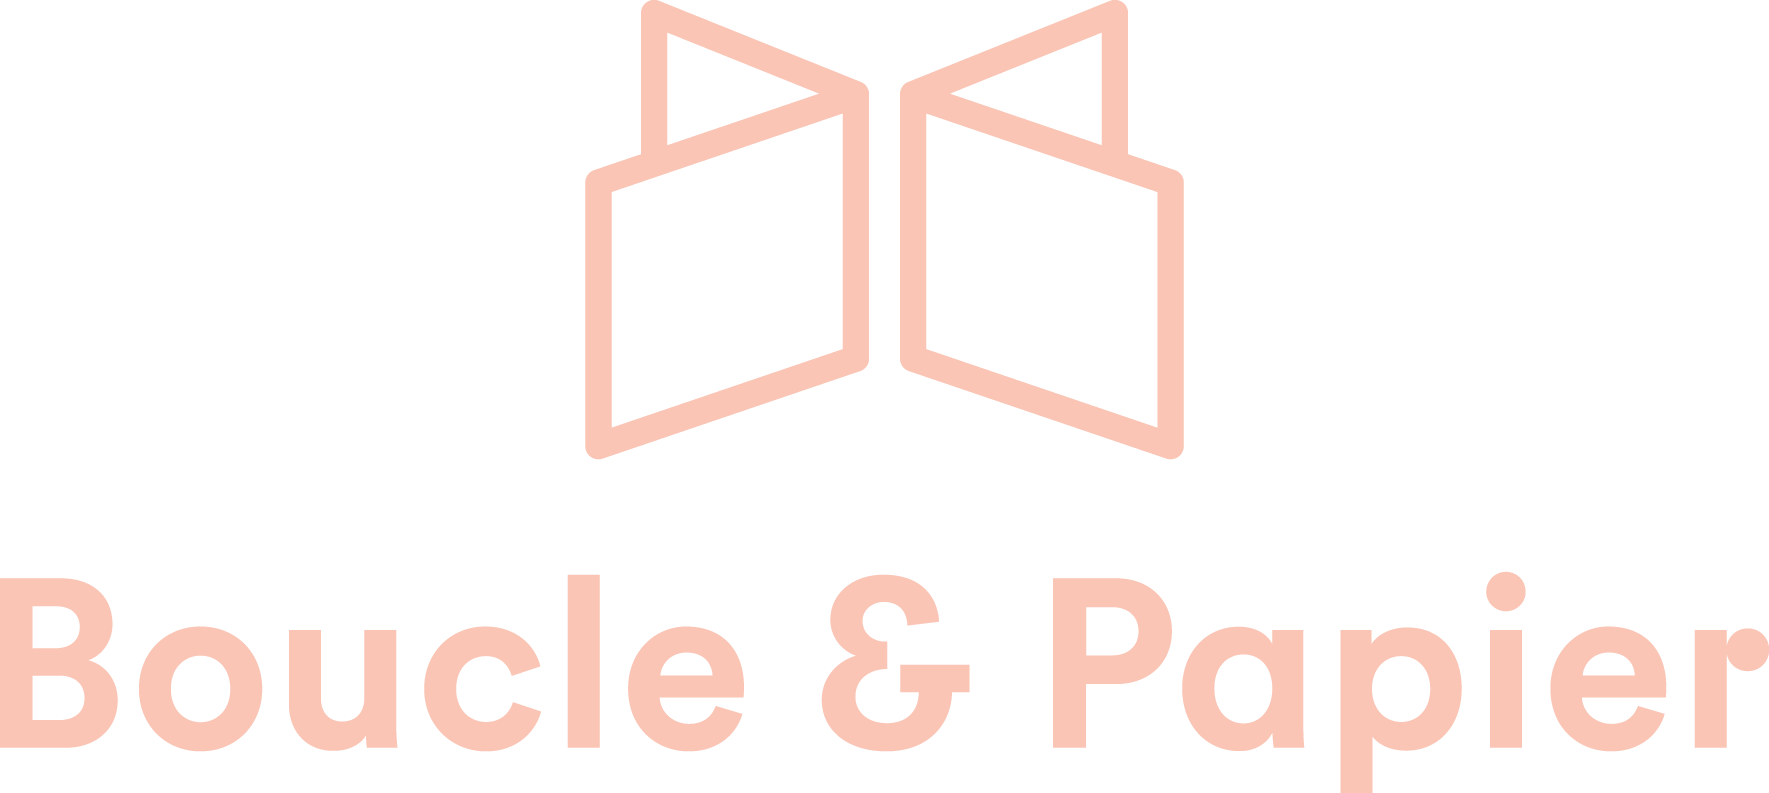 Boucle & Papier